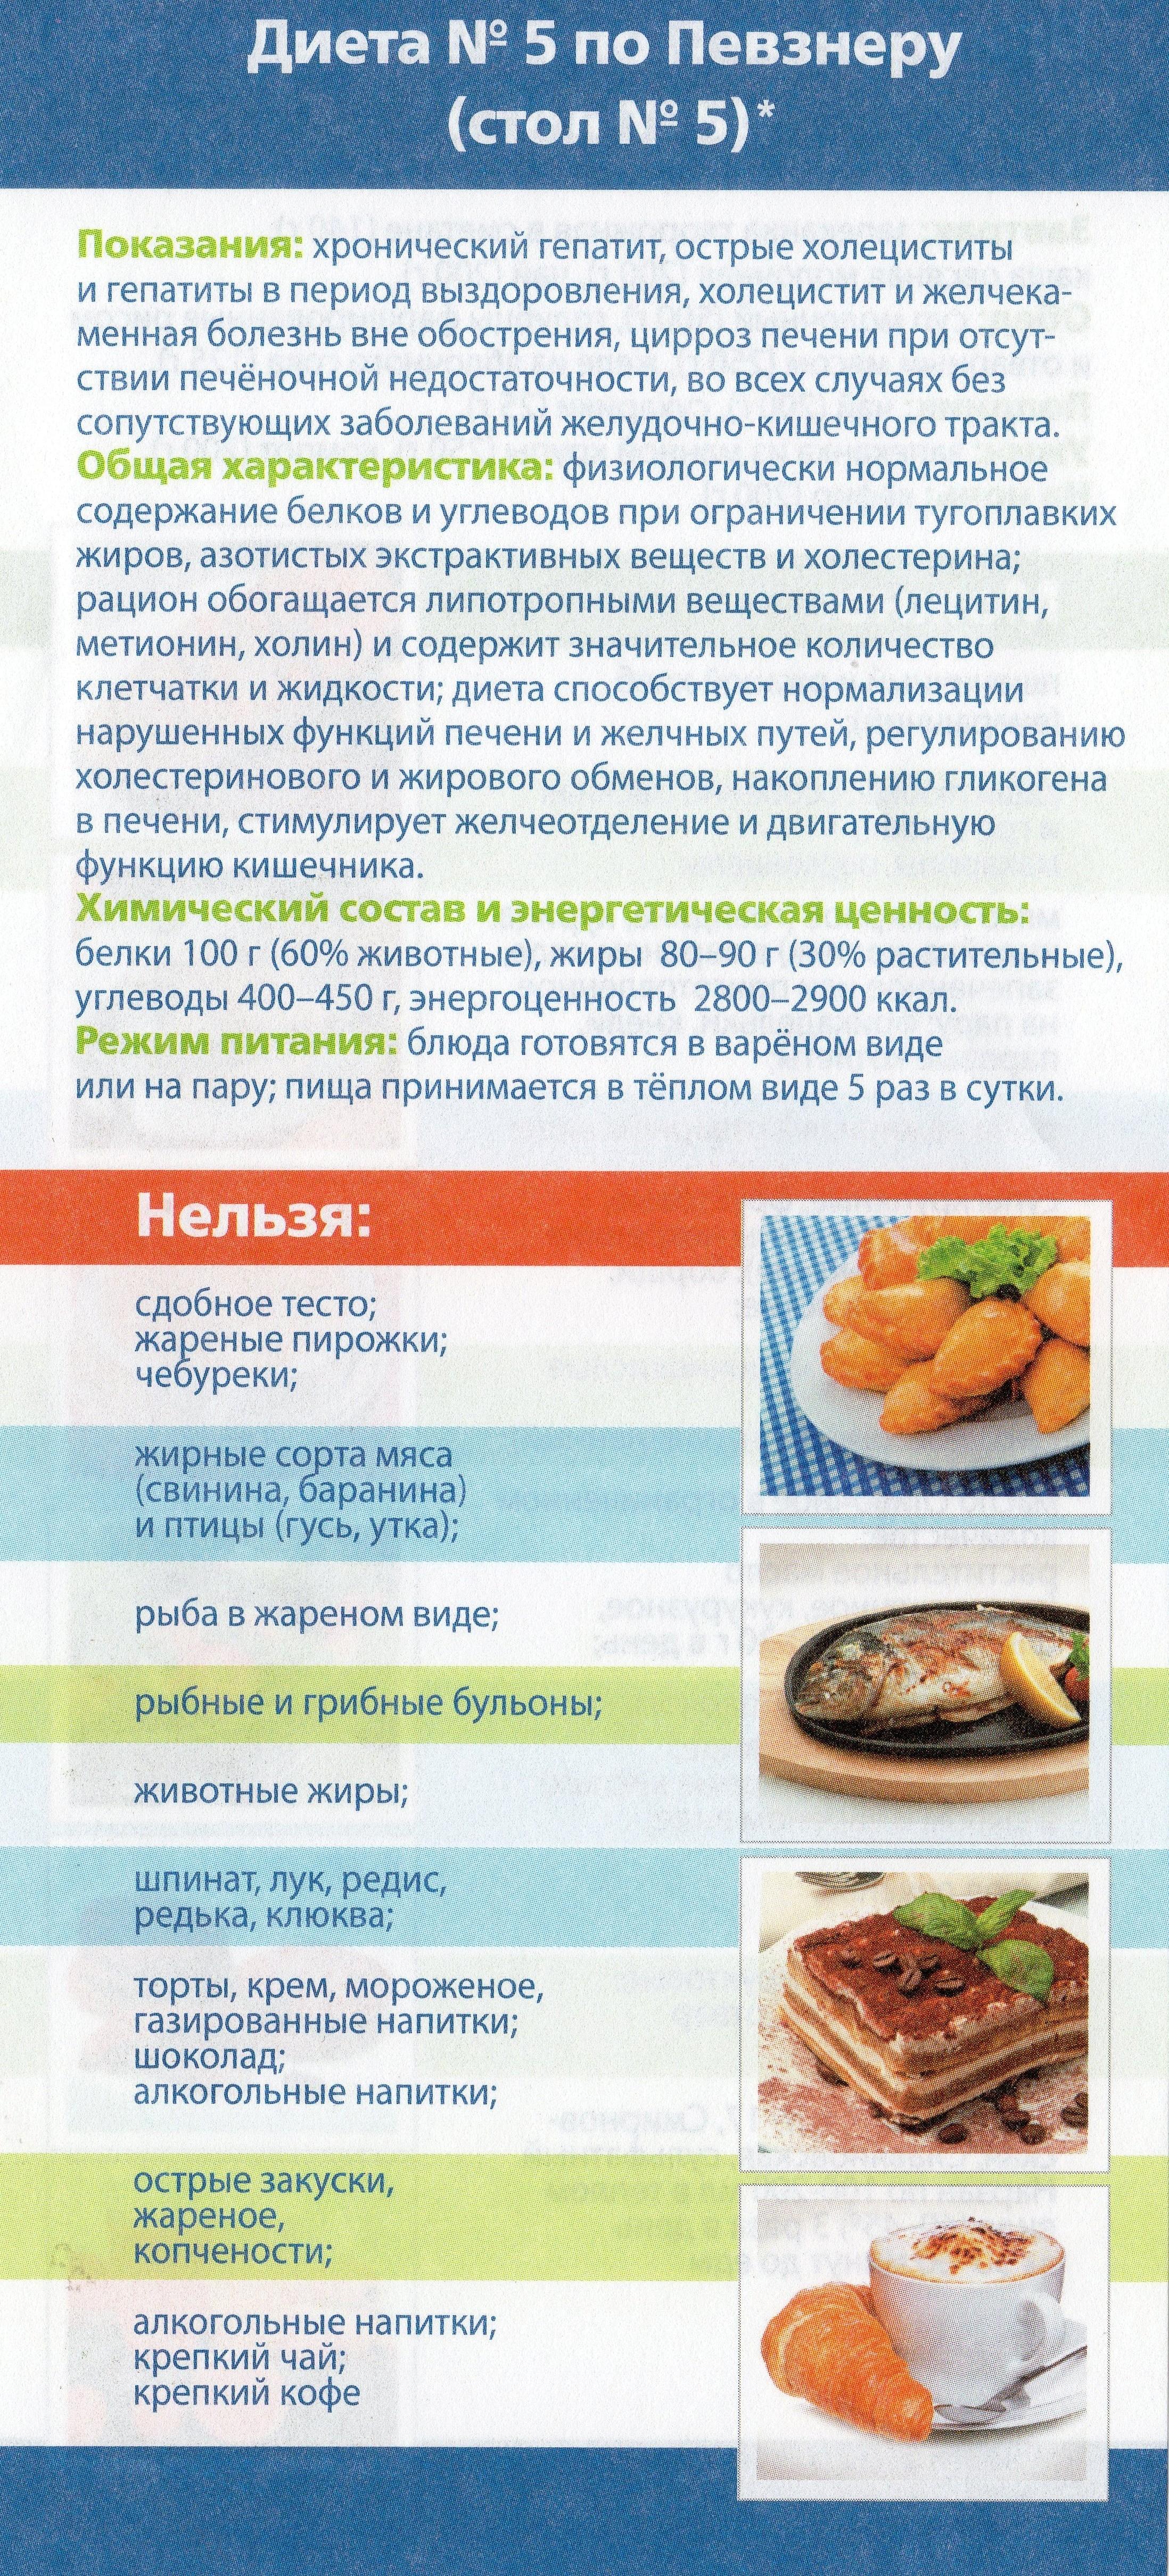 Рекомендуемые продукты при гепатите В